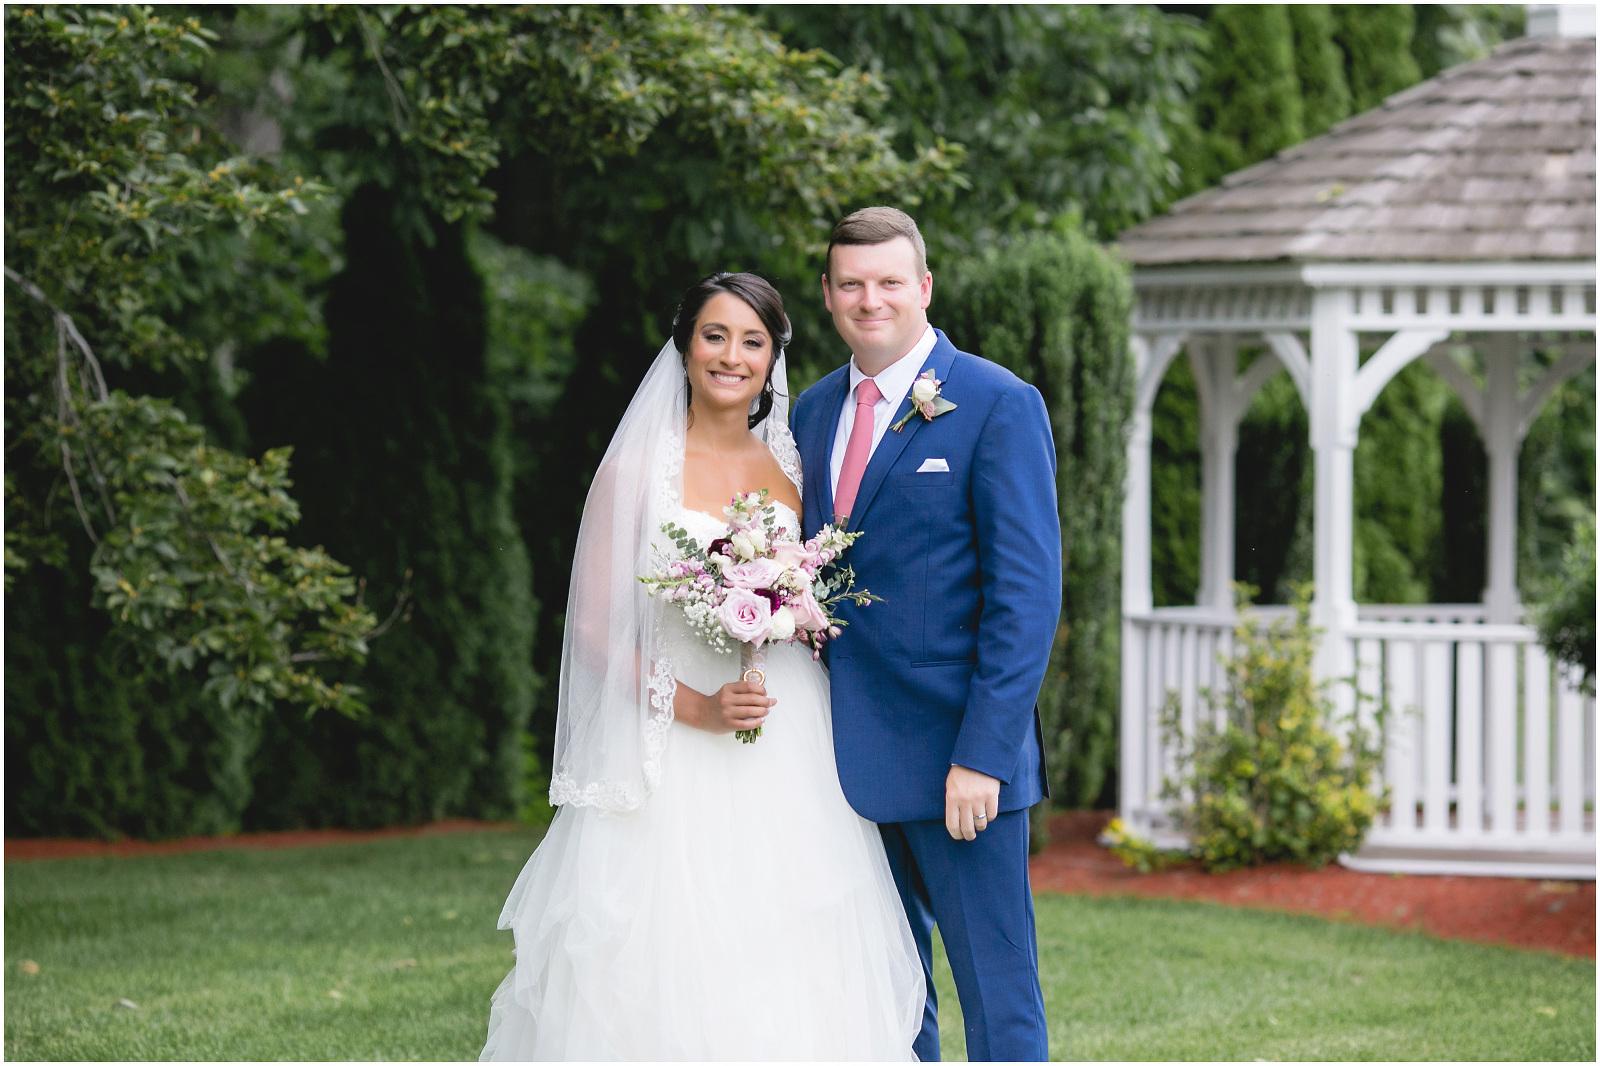 bride and groom maneeley's gazebo